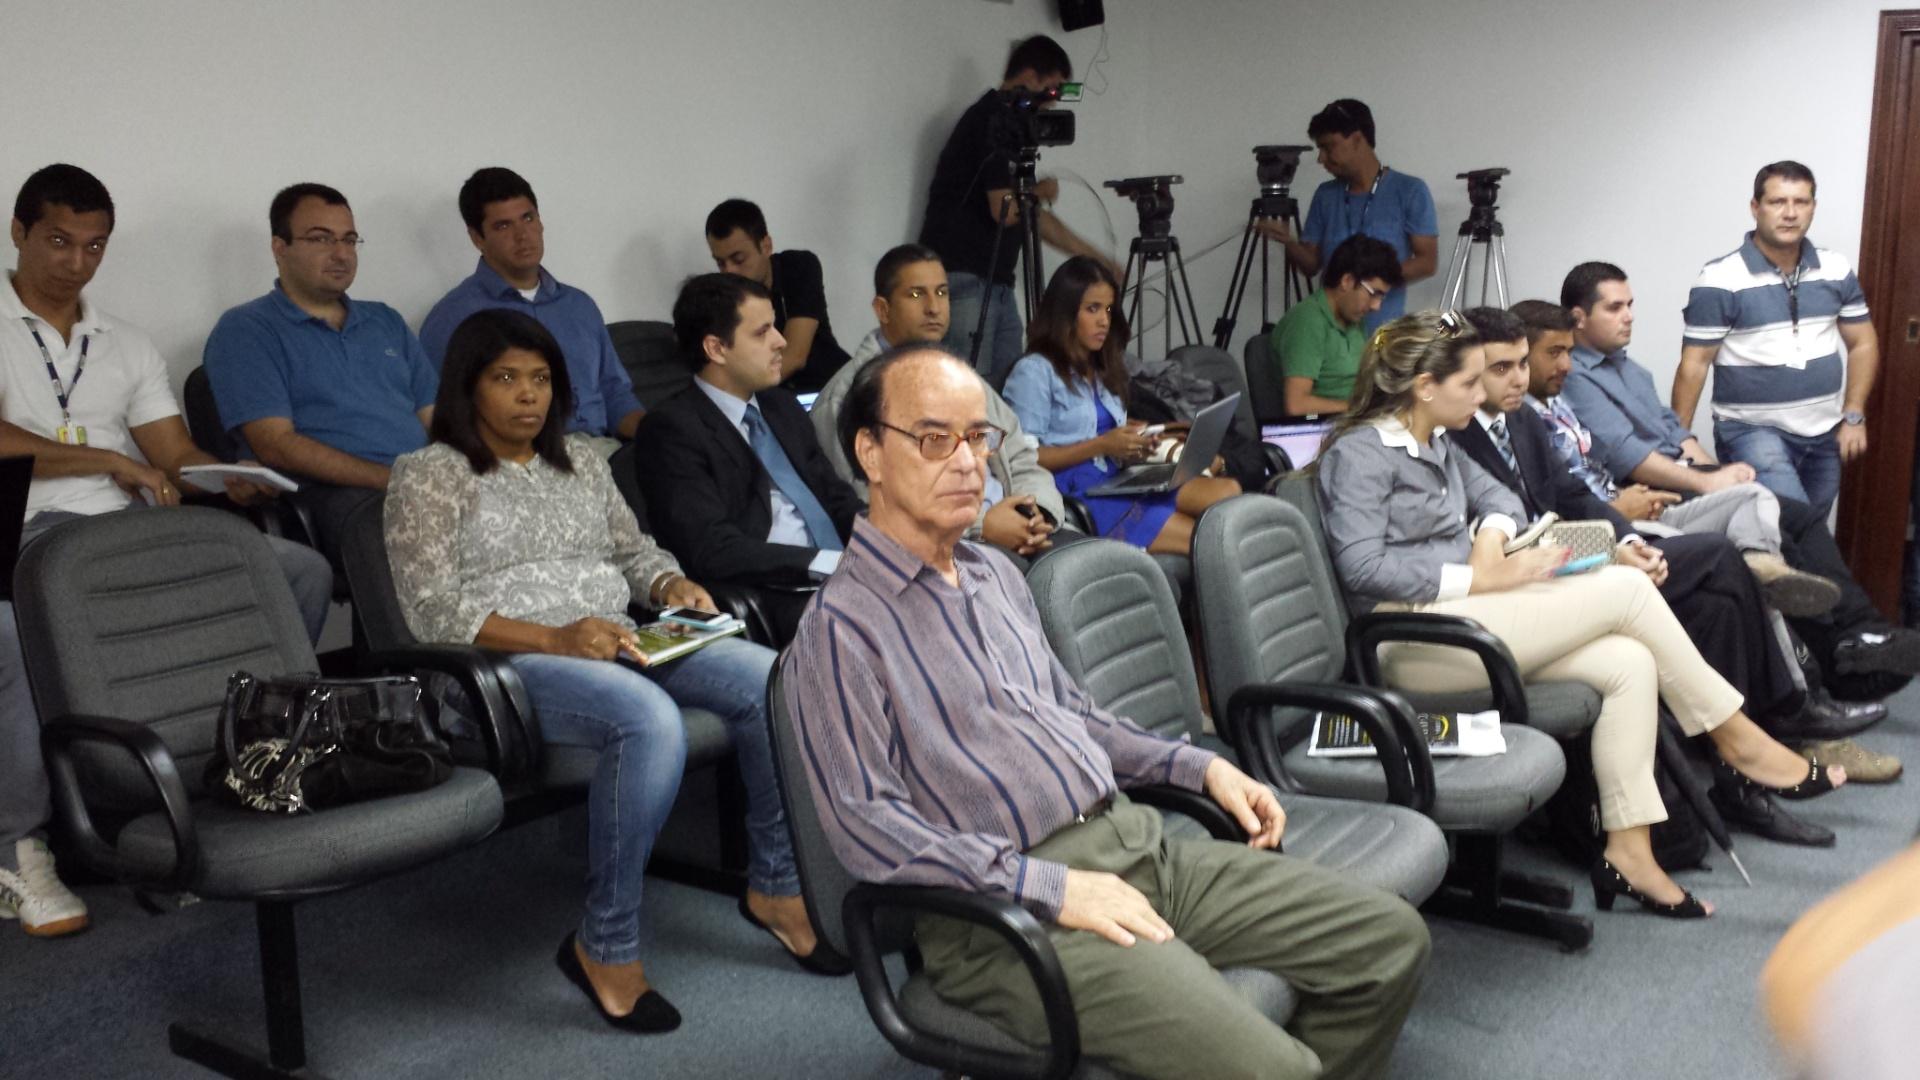 Antônio Lopes, dirigente do Atlético-PR, acompanha julgamento no STJD por confusão durante jogo com o Vasco em Joinville